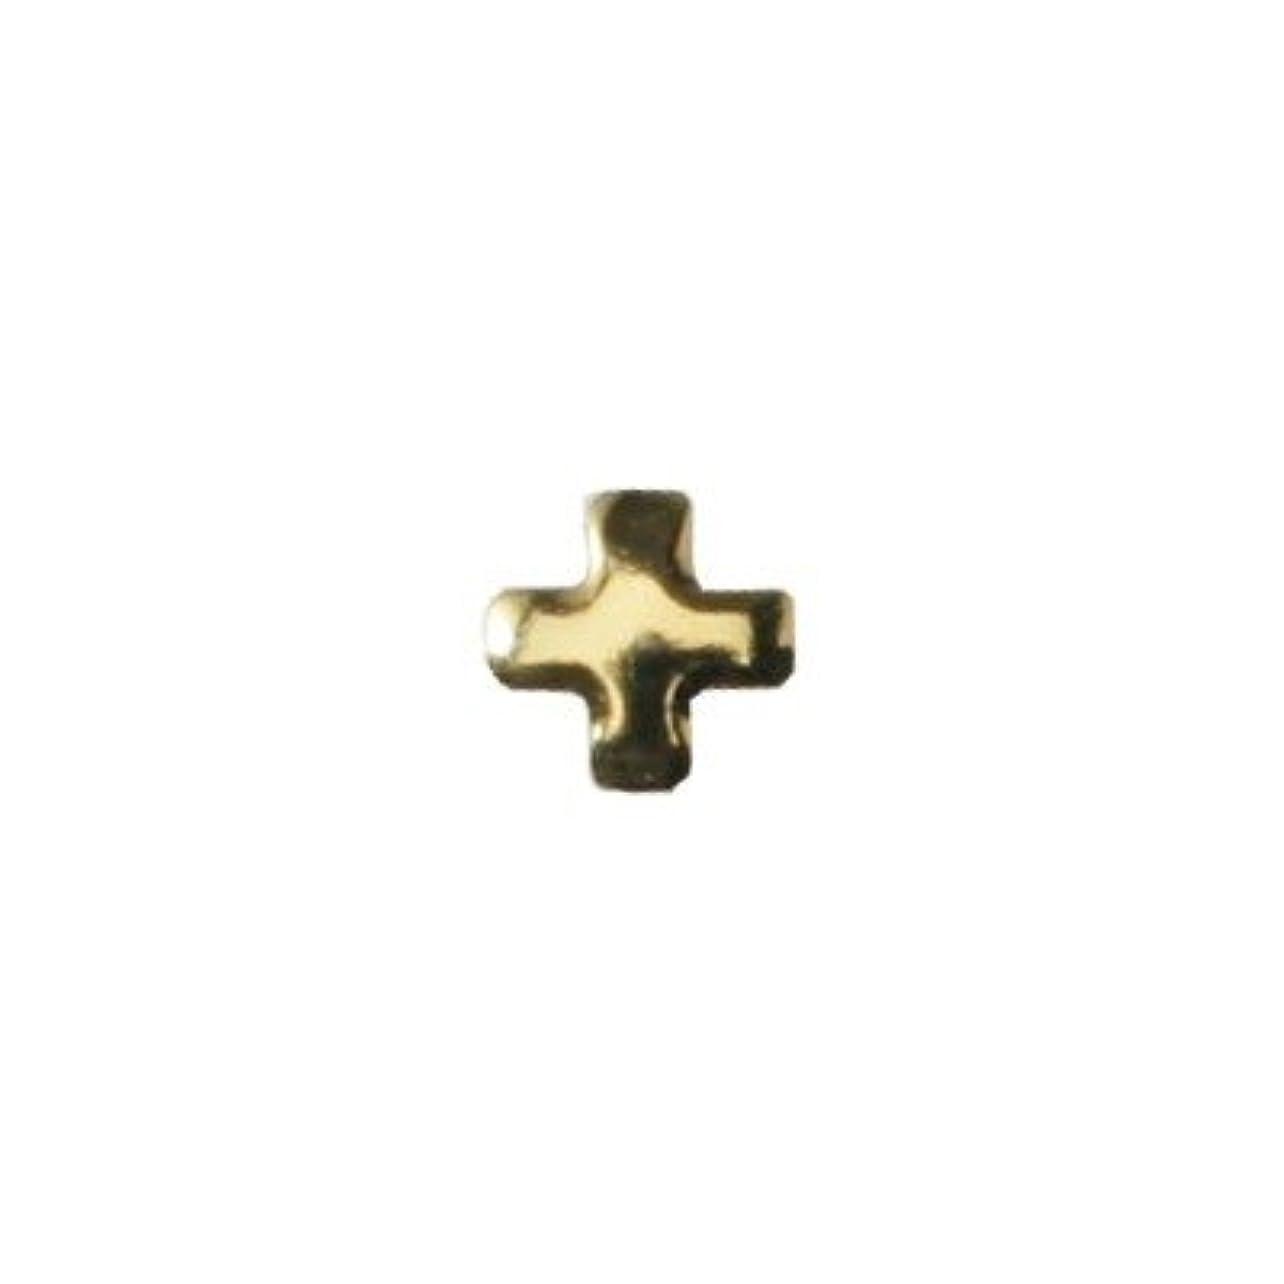 店員サイレン本ピアドラ スタッズ クロスレット 3mm 50P ゴールド